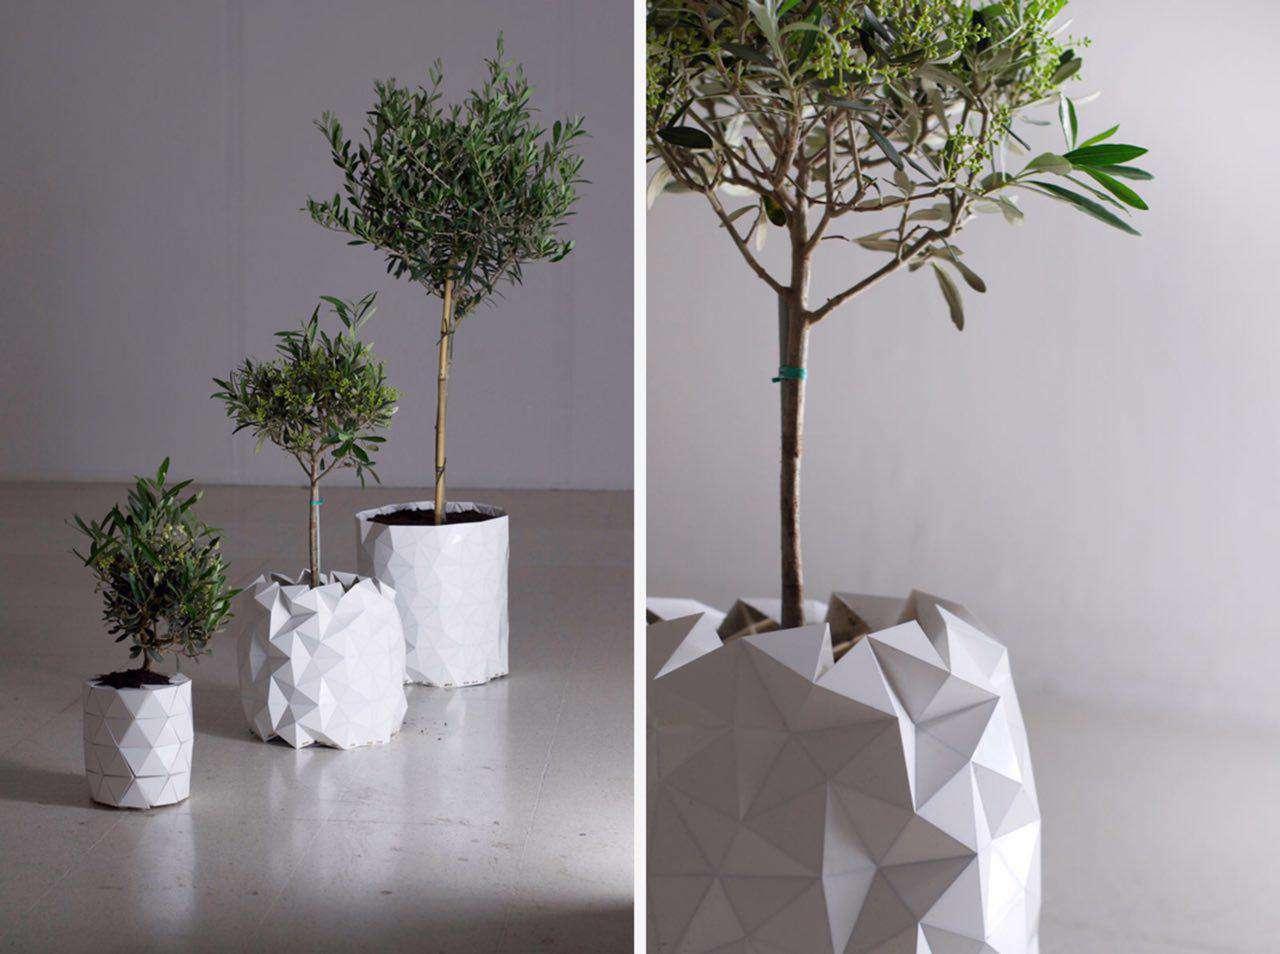 گلدانی که همراه با گیاه رشد میکند! در این گلدان از هنر اریگامی ژاپن الهام گرفته شده است و همراه با گیاه داخلش رشد و گسترش میابد...